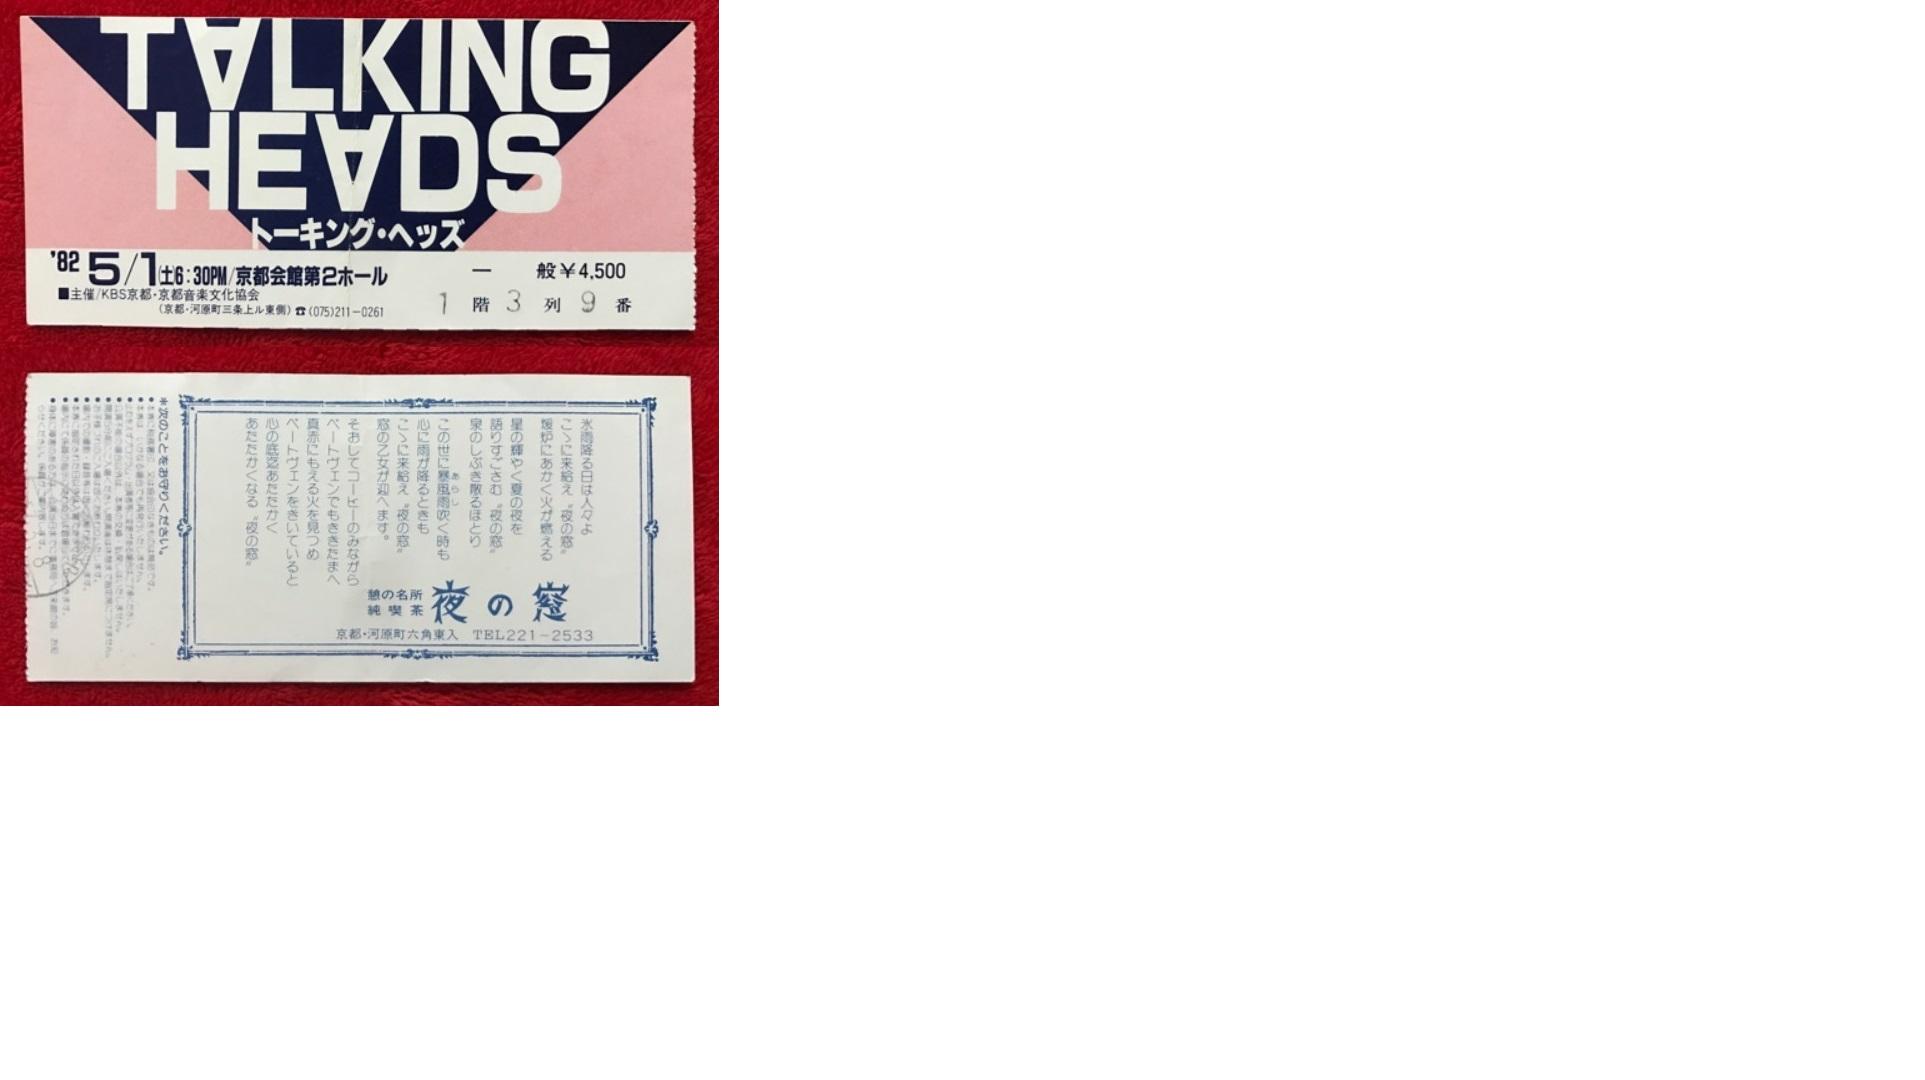 TalkingHeads1982-05-01KaikanDaiichiHallKyotoJapan.jpg